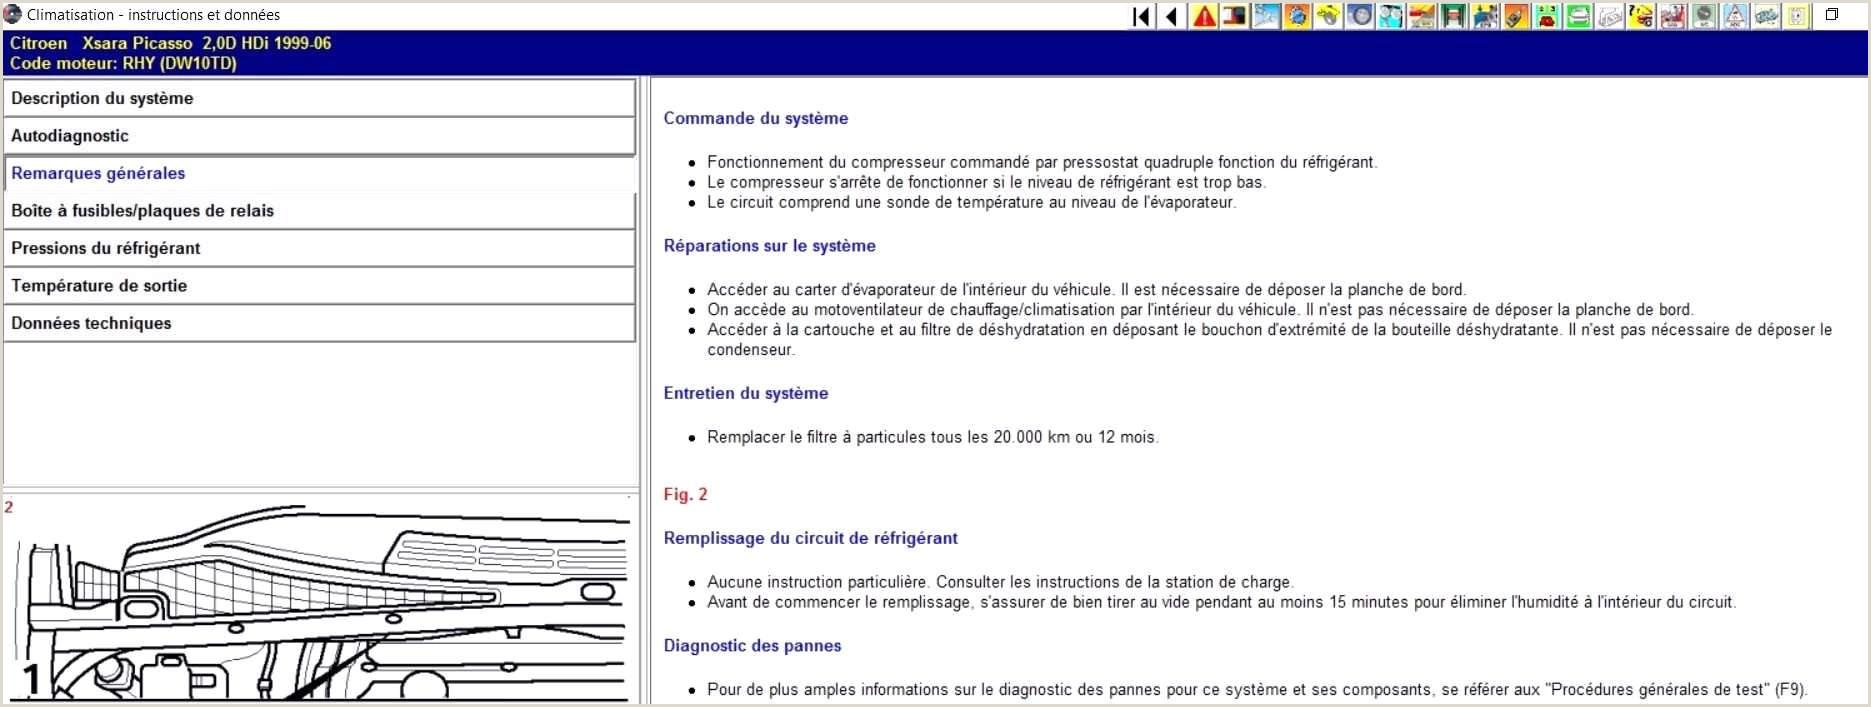 Exemple De Cv Dinfographiste Pdf 54 Meilleur De S De Lettre De Motivation Infographiste